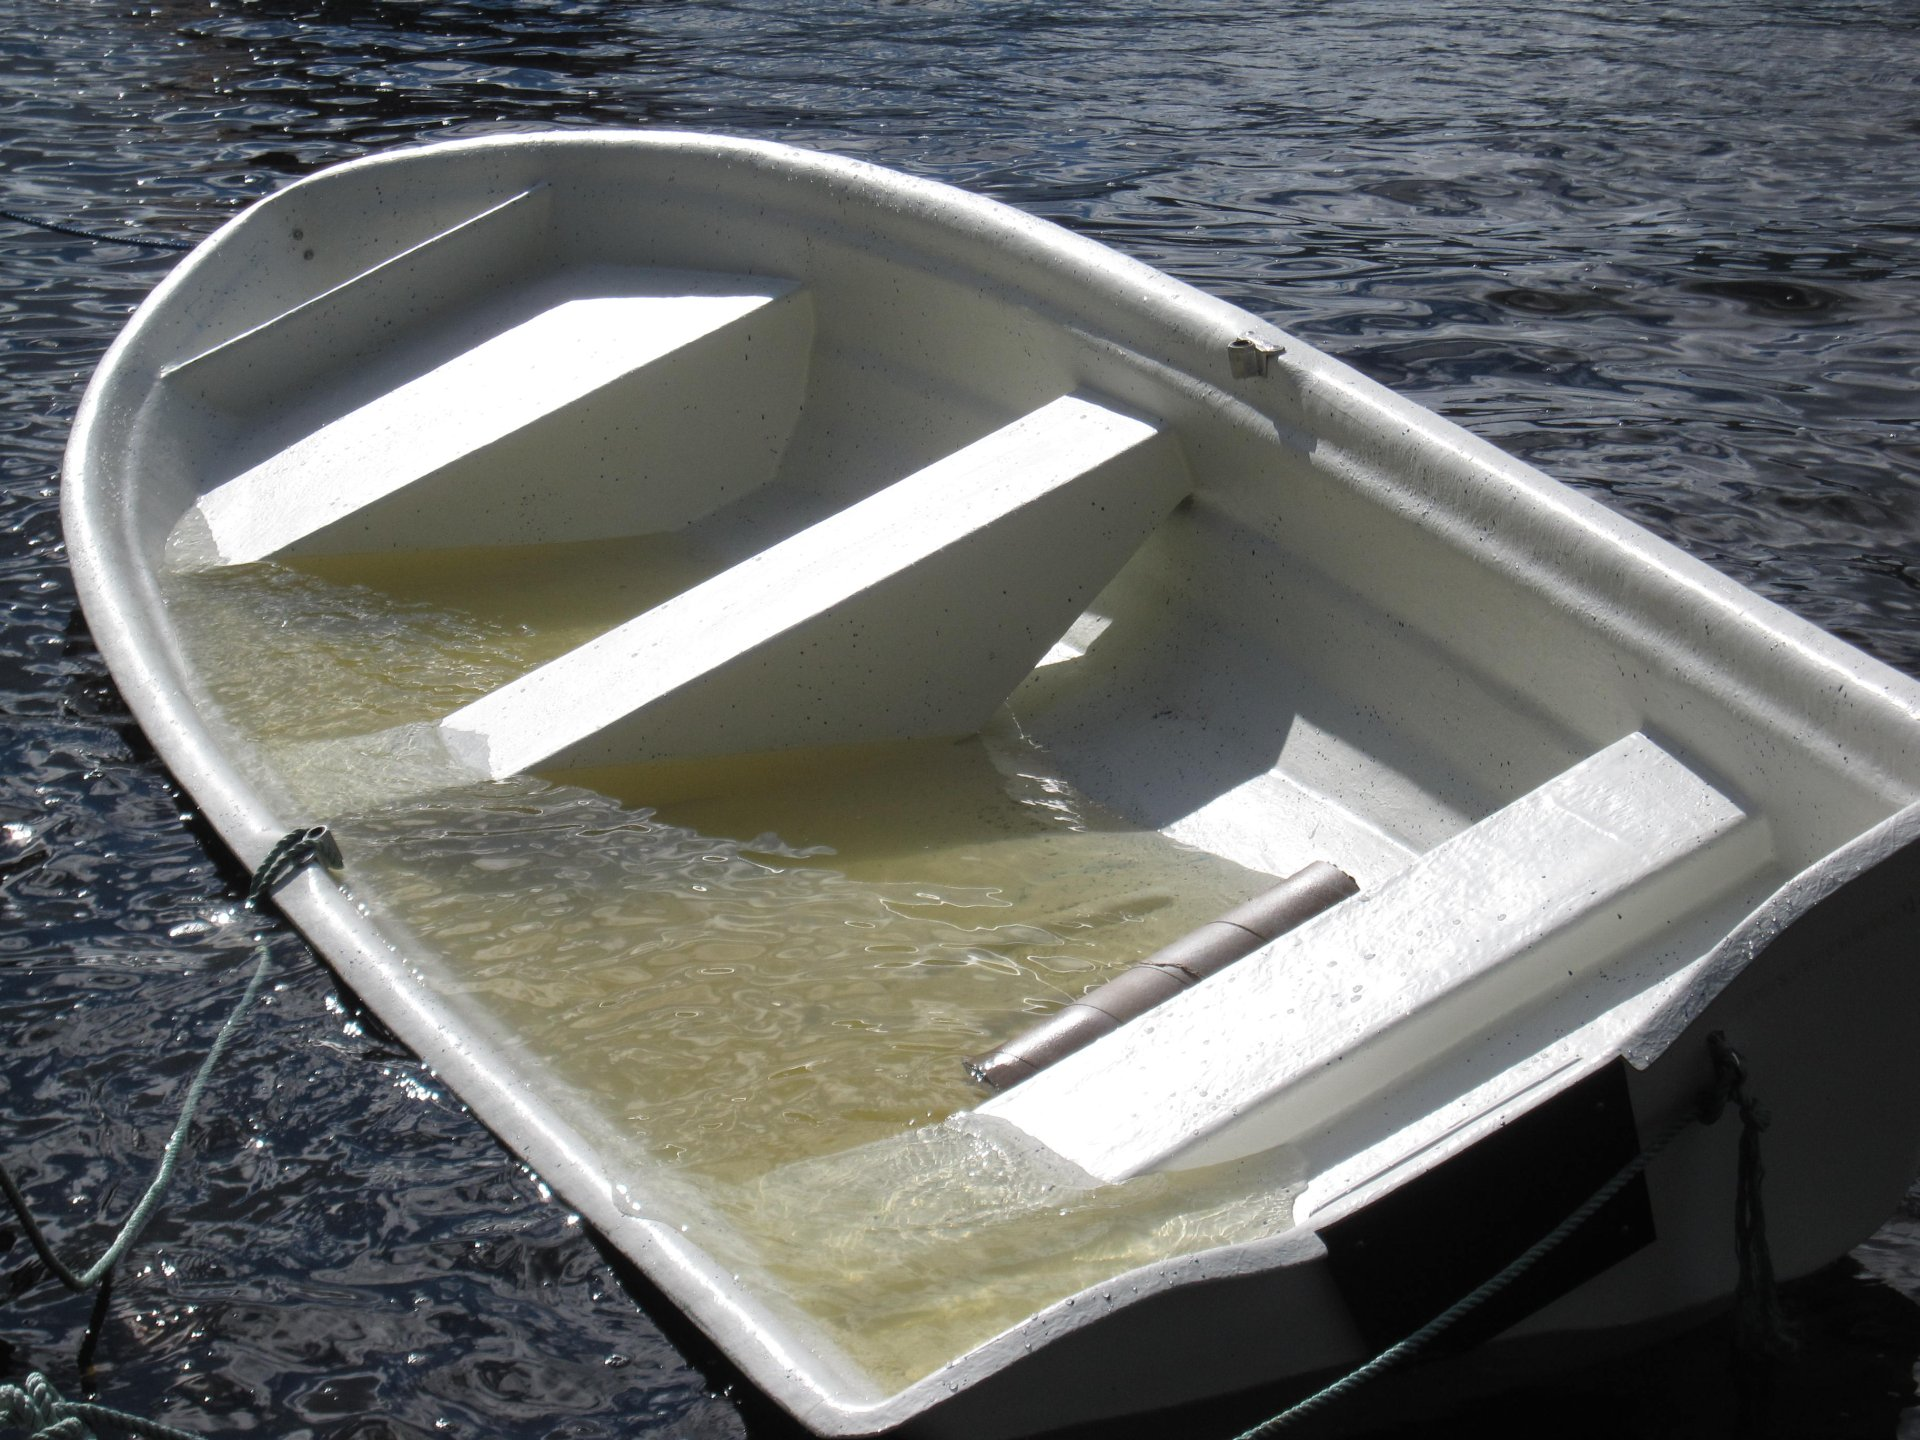 Denne båten skal CE-merkes. Fra test av båtens flyteevne i vannfylt tilstand